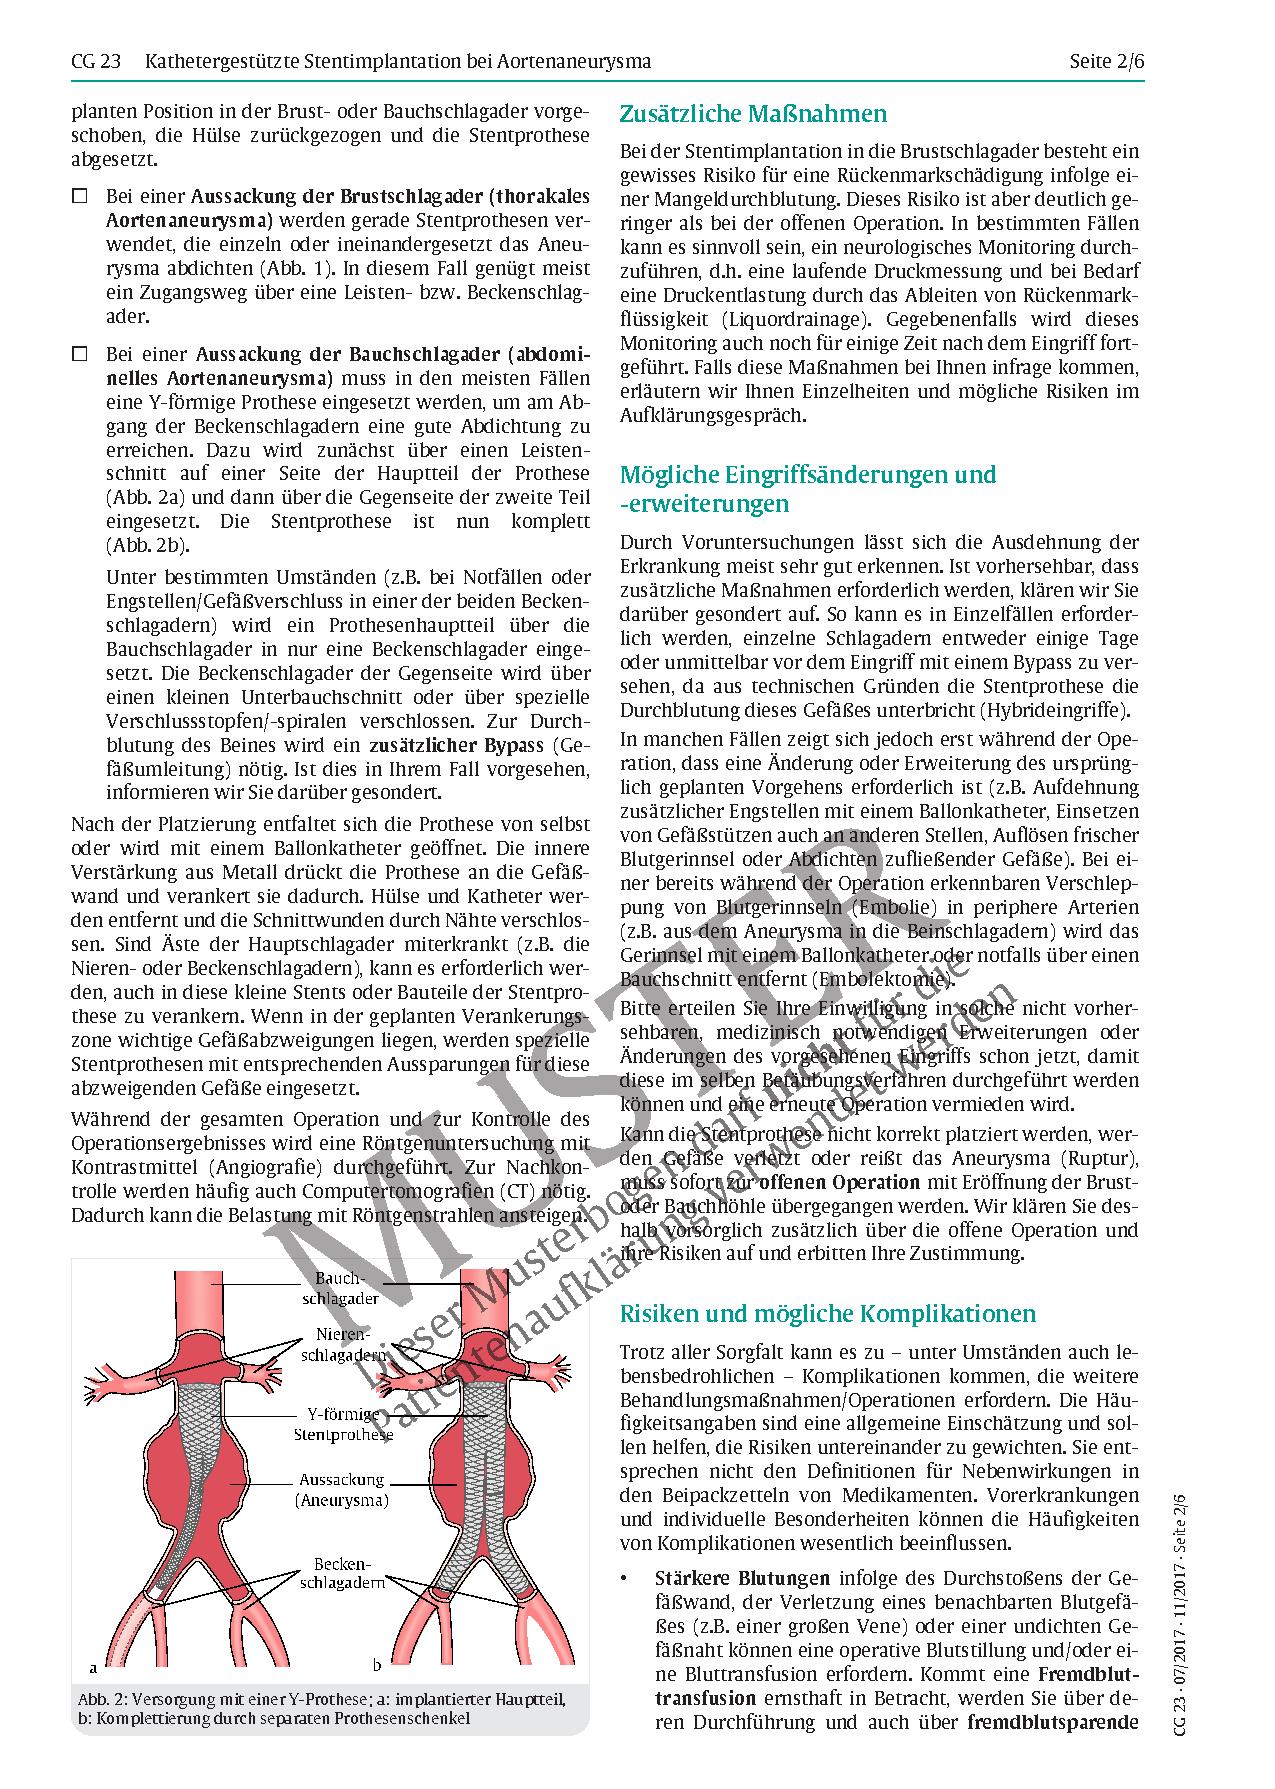 Erfreut Iliakalgefäße Anatomie Zeitgenössisch - Anatomie Von ...